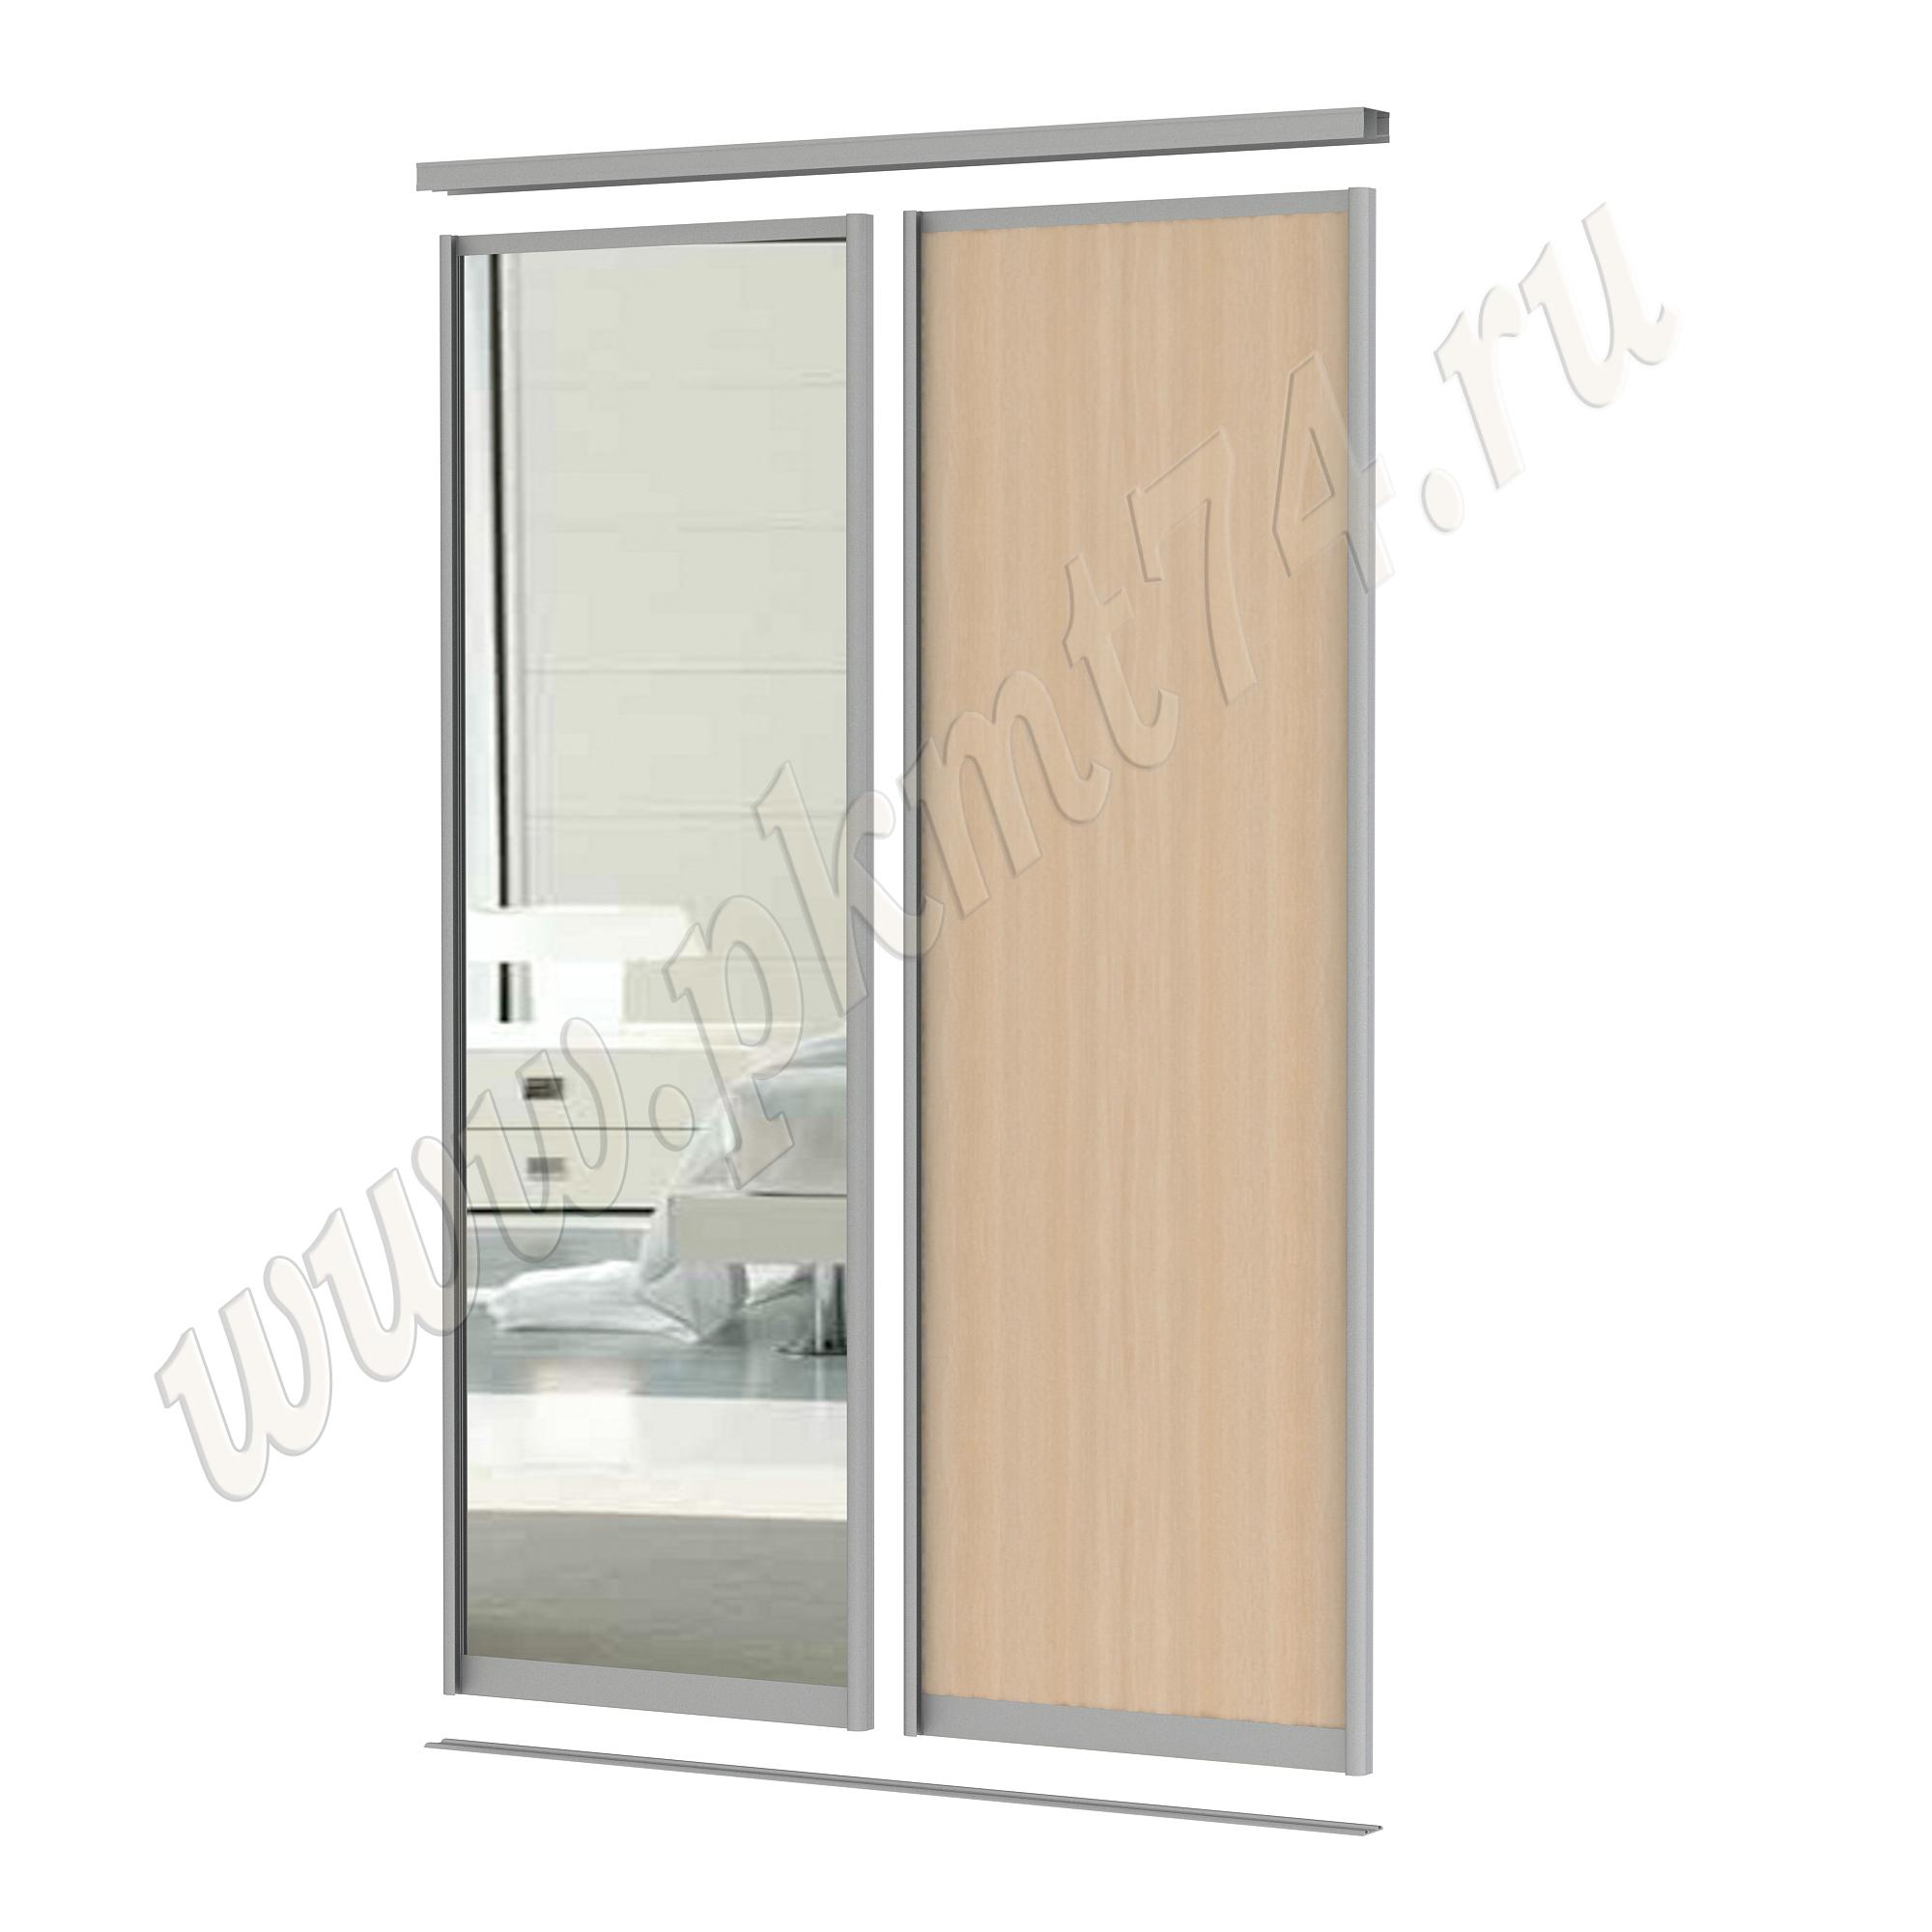 Комбинированные двери для шкафа купе Зеркало - ДубМол